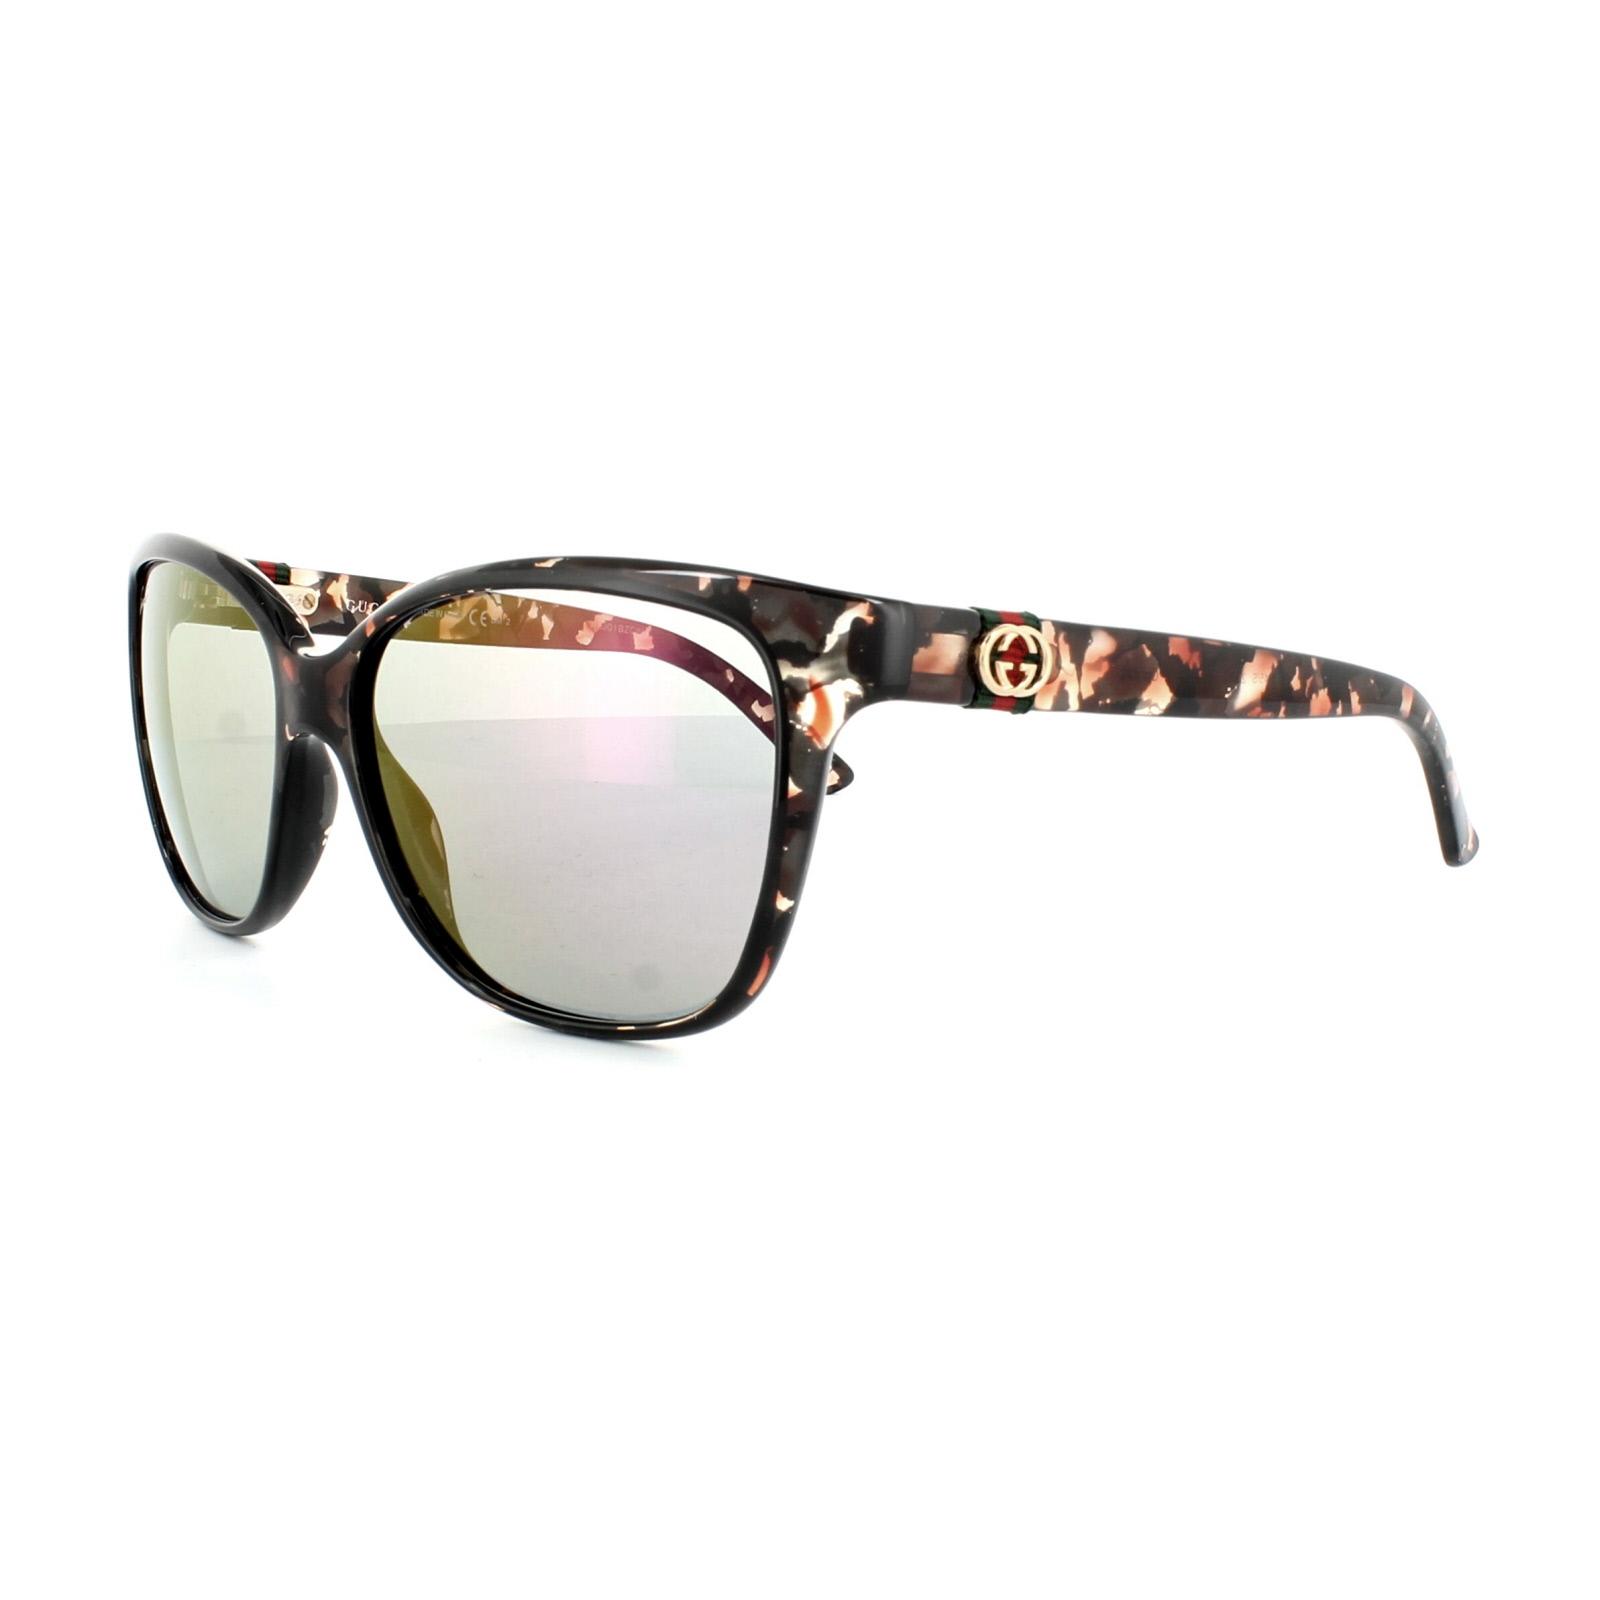 Gucci Gafas de sol 3645 2z6 E2 De Lunares Negro Marrón Havana ORO ...